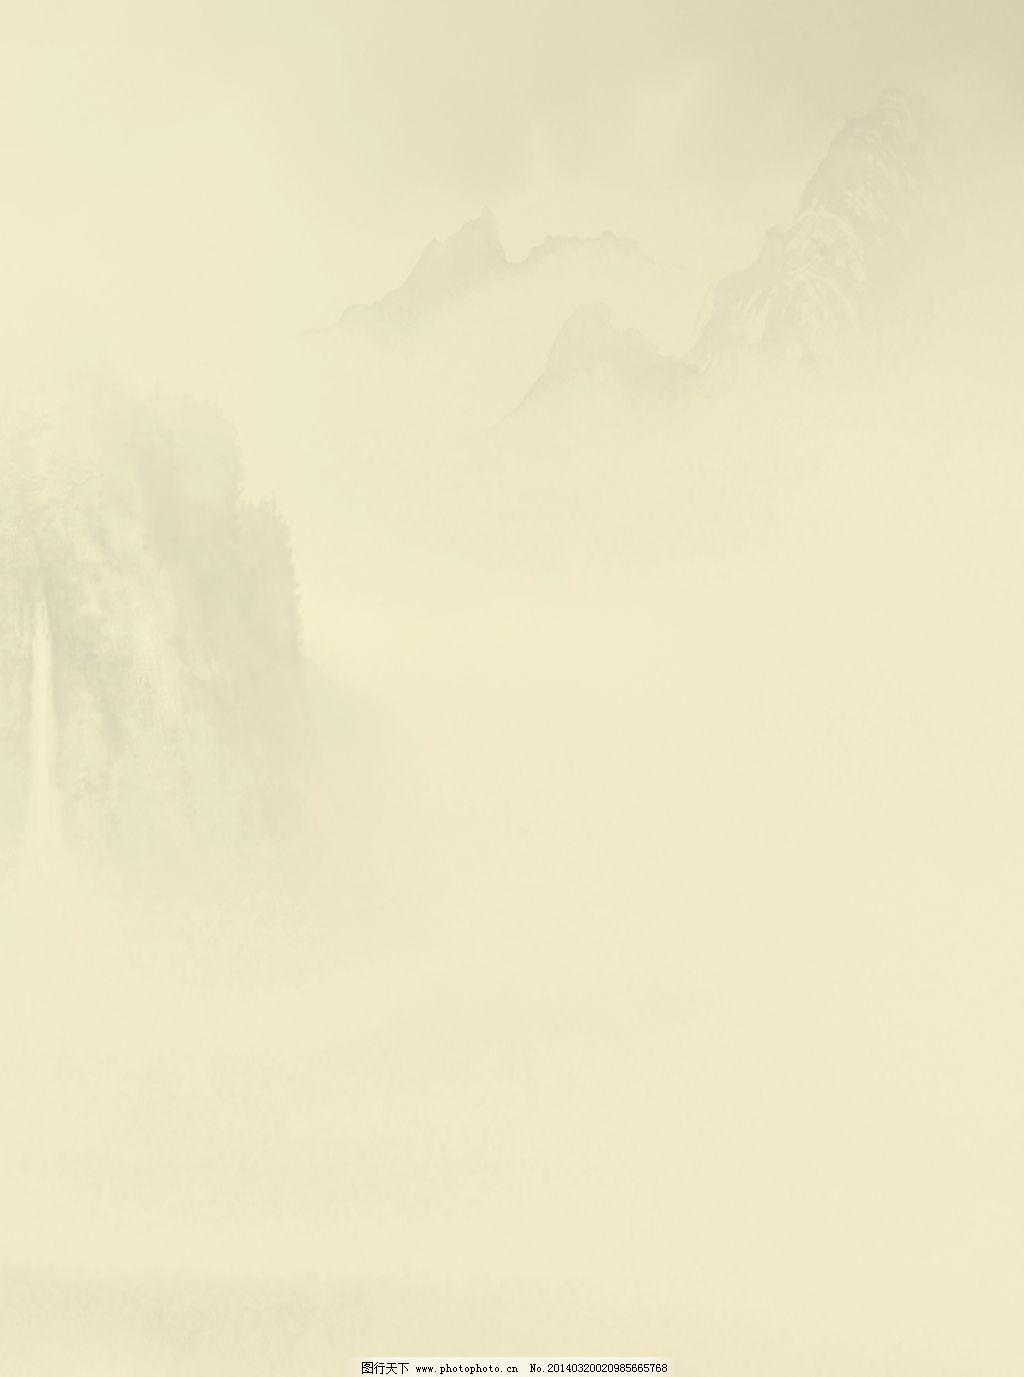 中国风背景图 中国风背景图免费下载 褐色 浅色 山川 图片素材